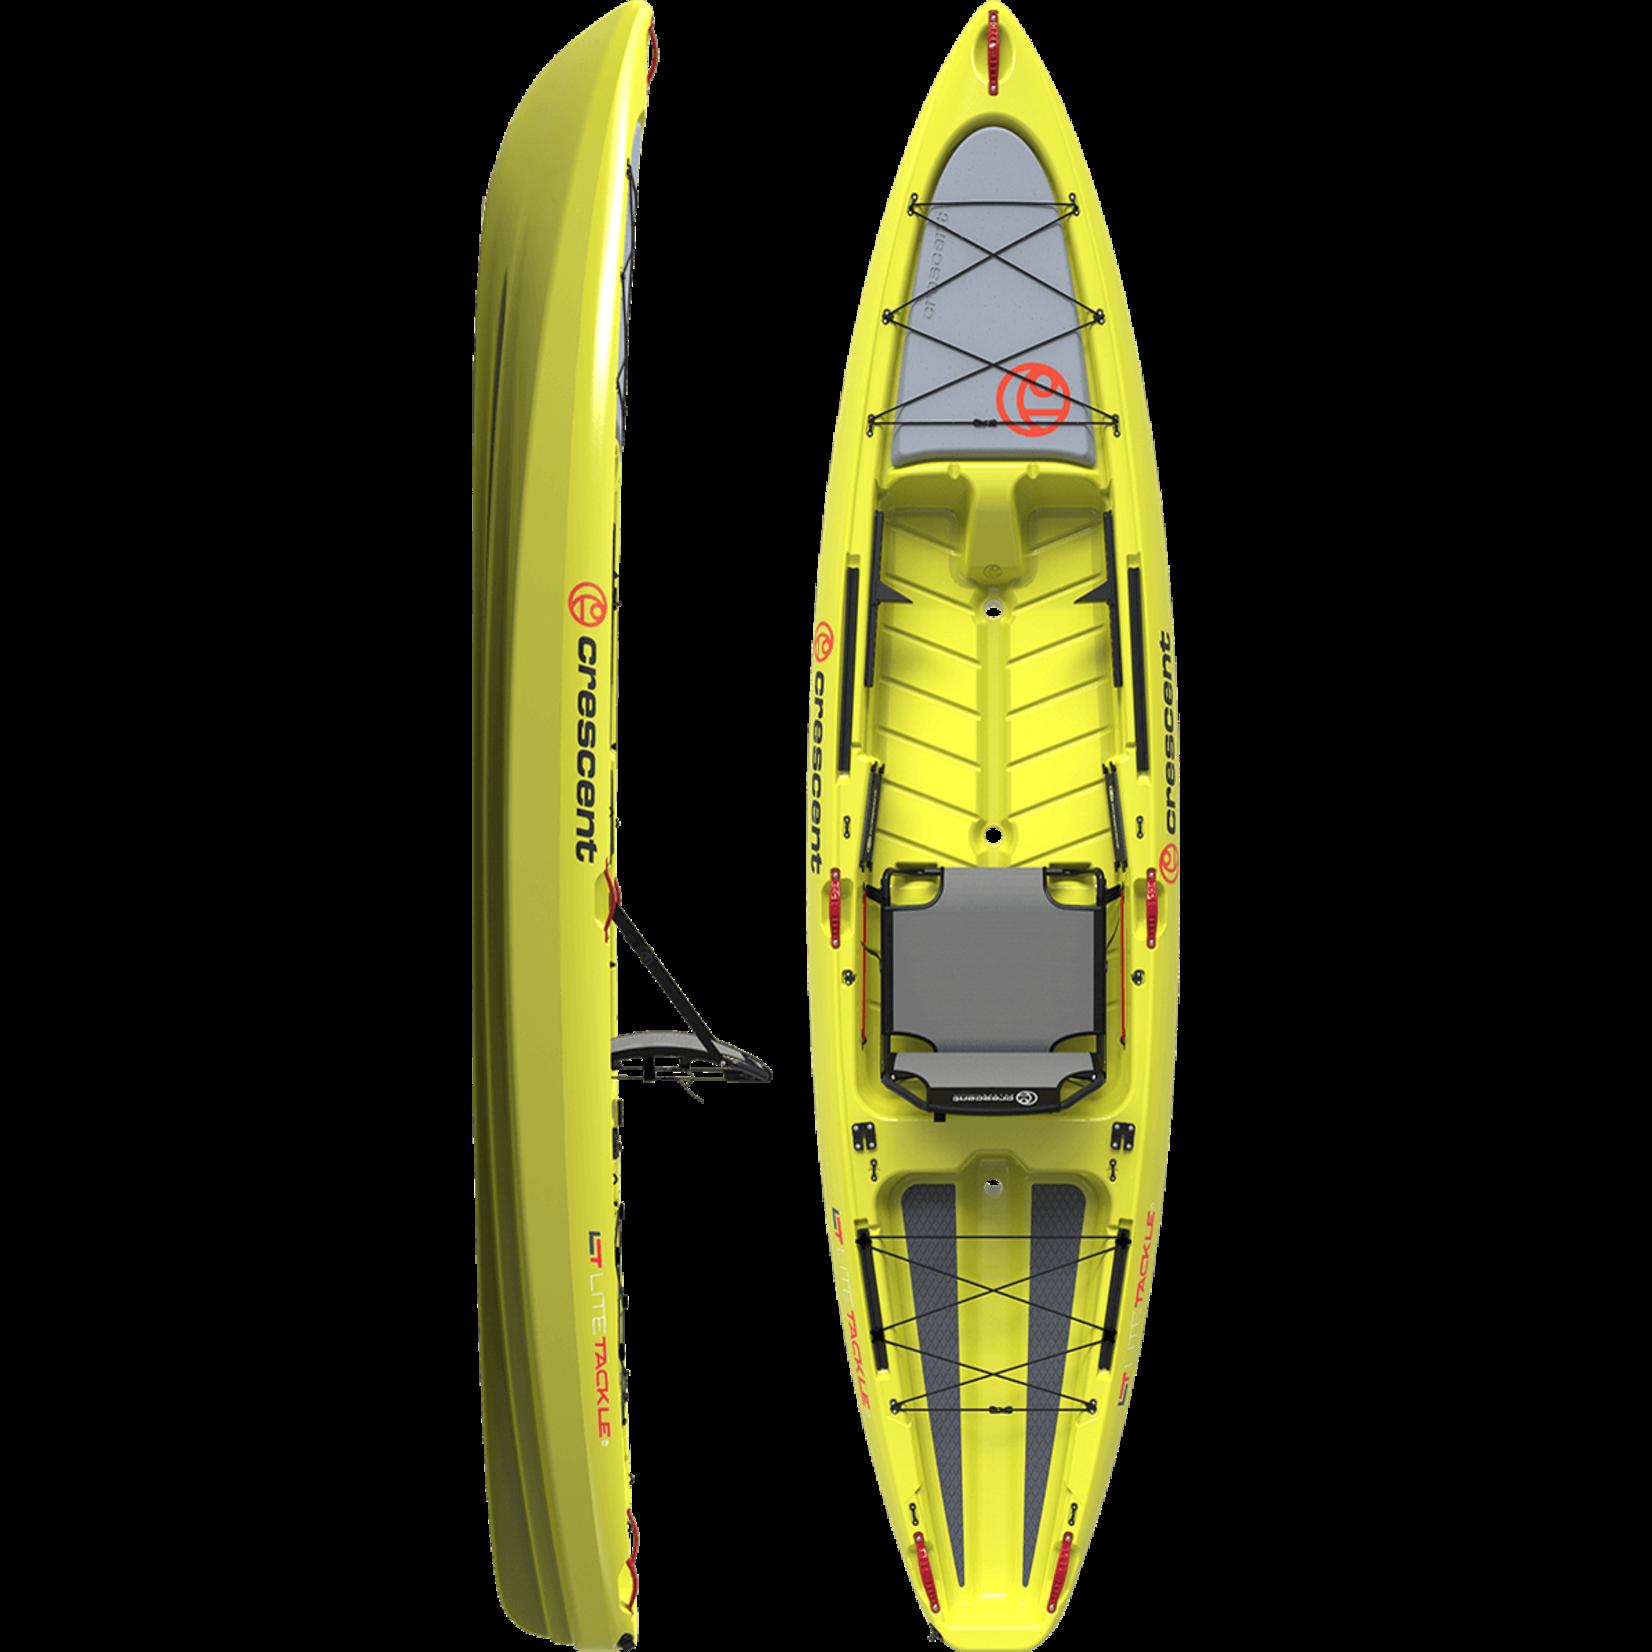 Crescent Kayaks Crescent LiteTackle